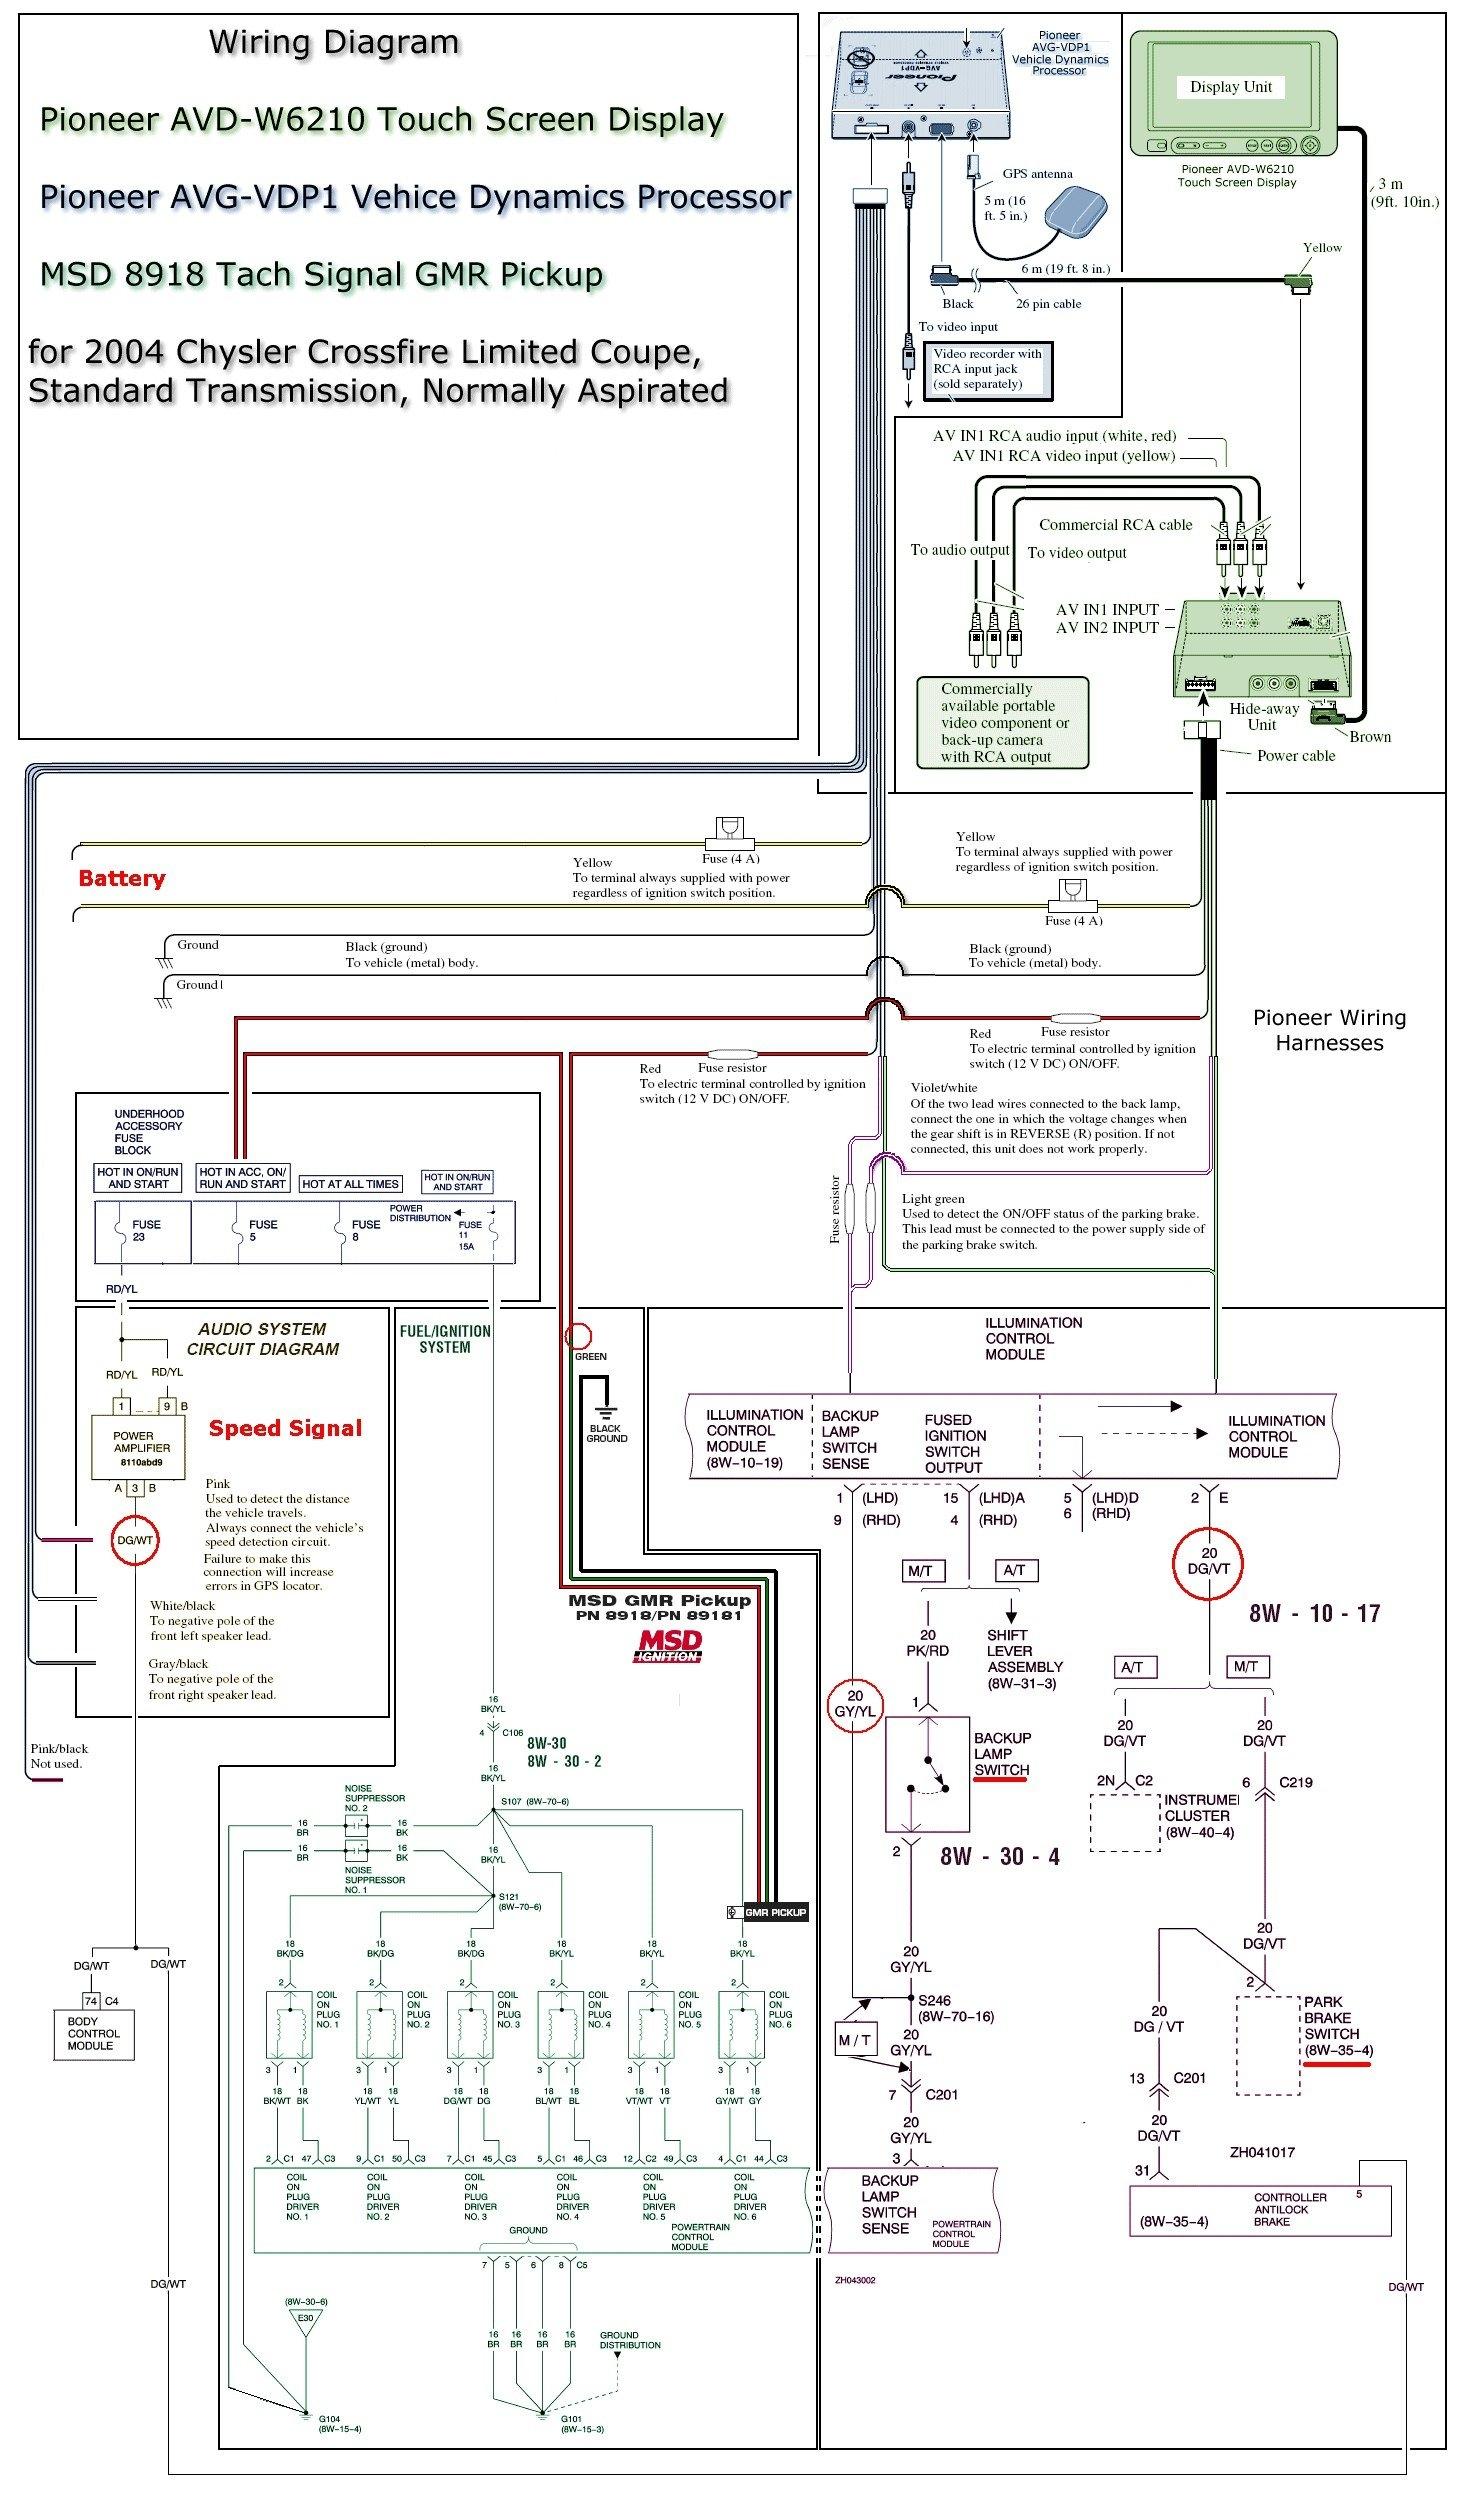 Pioneer Avh 280Bt Wiring Diagram   Wiring Diagram - Pioneer Avh 280Bt Wiring Diagram